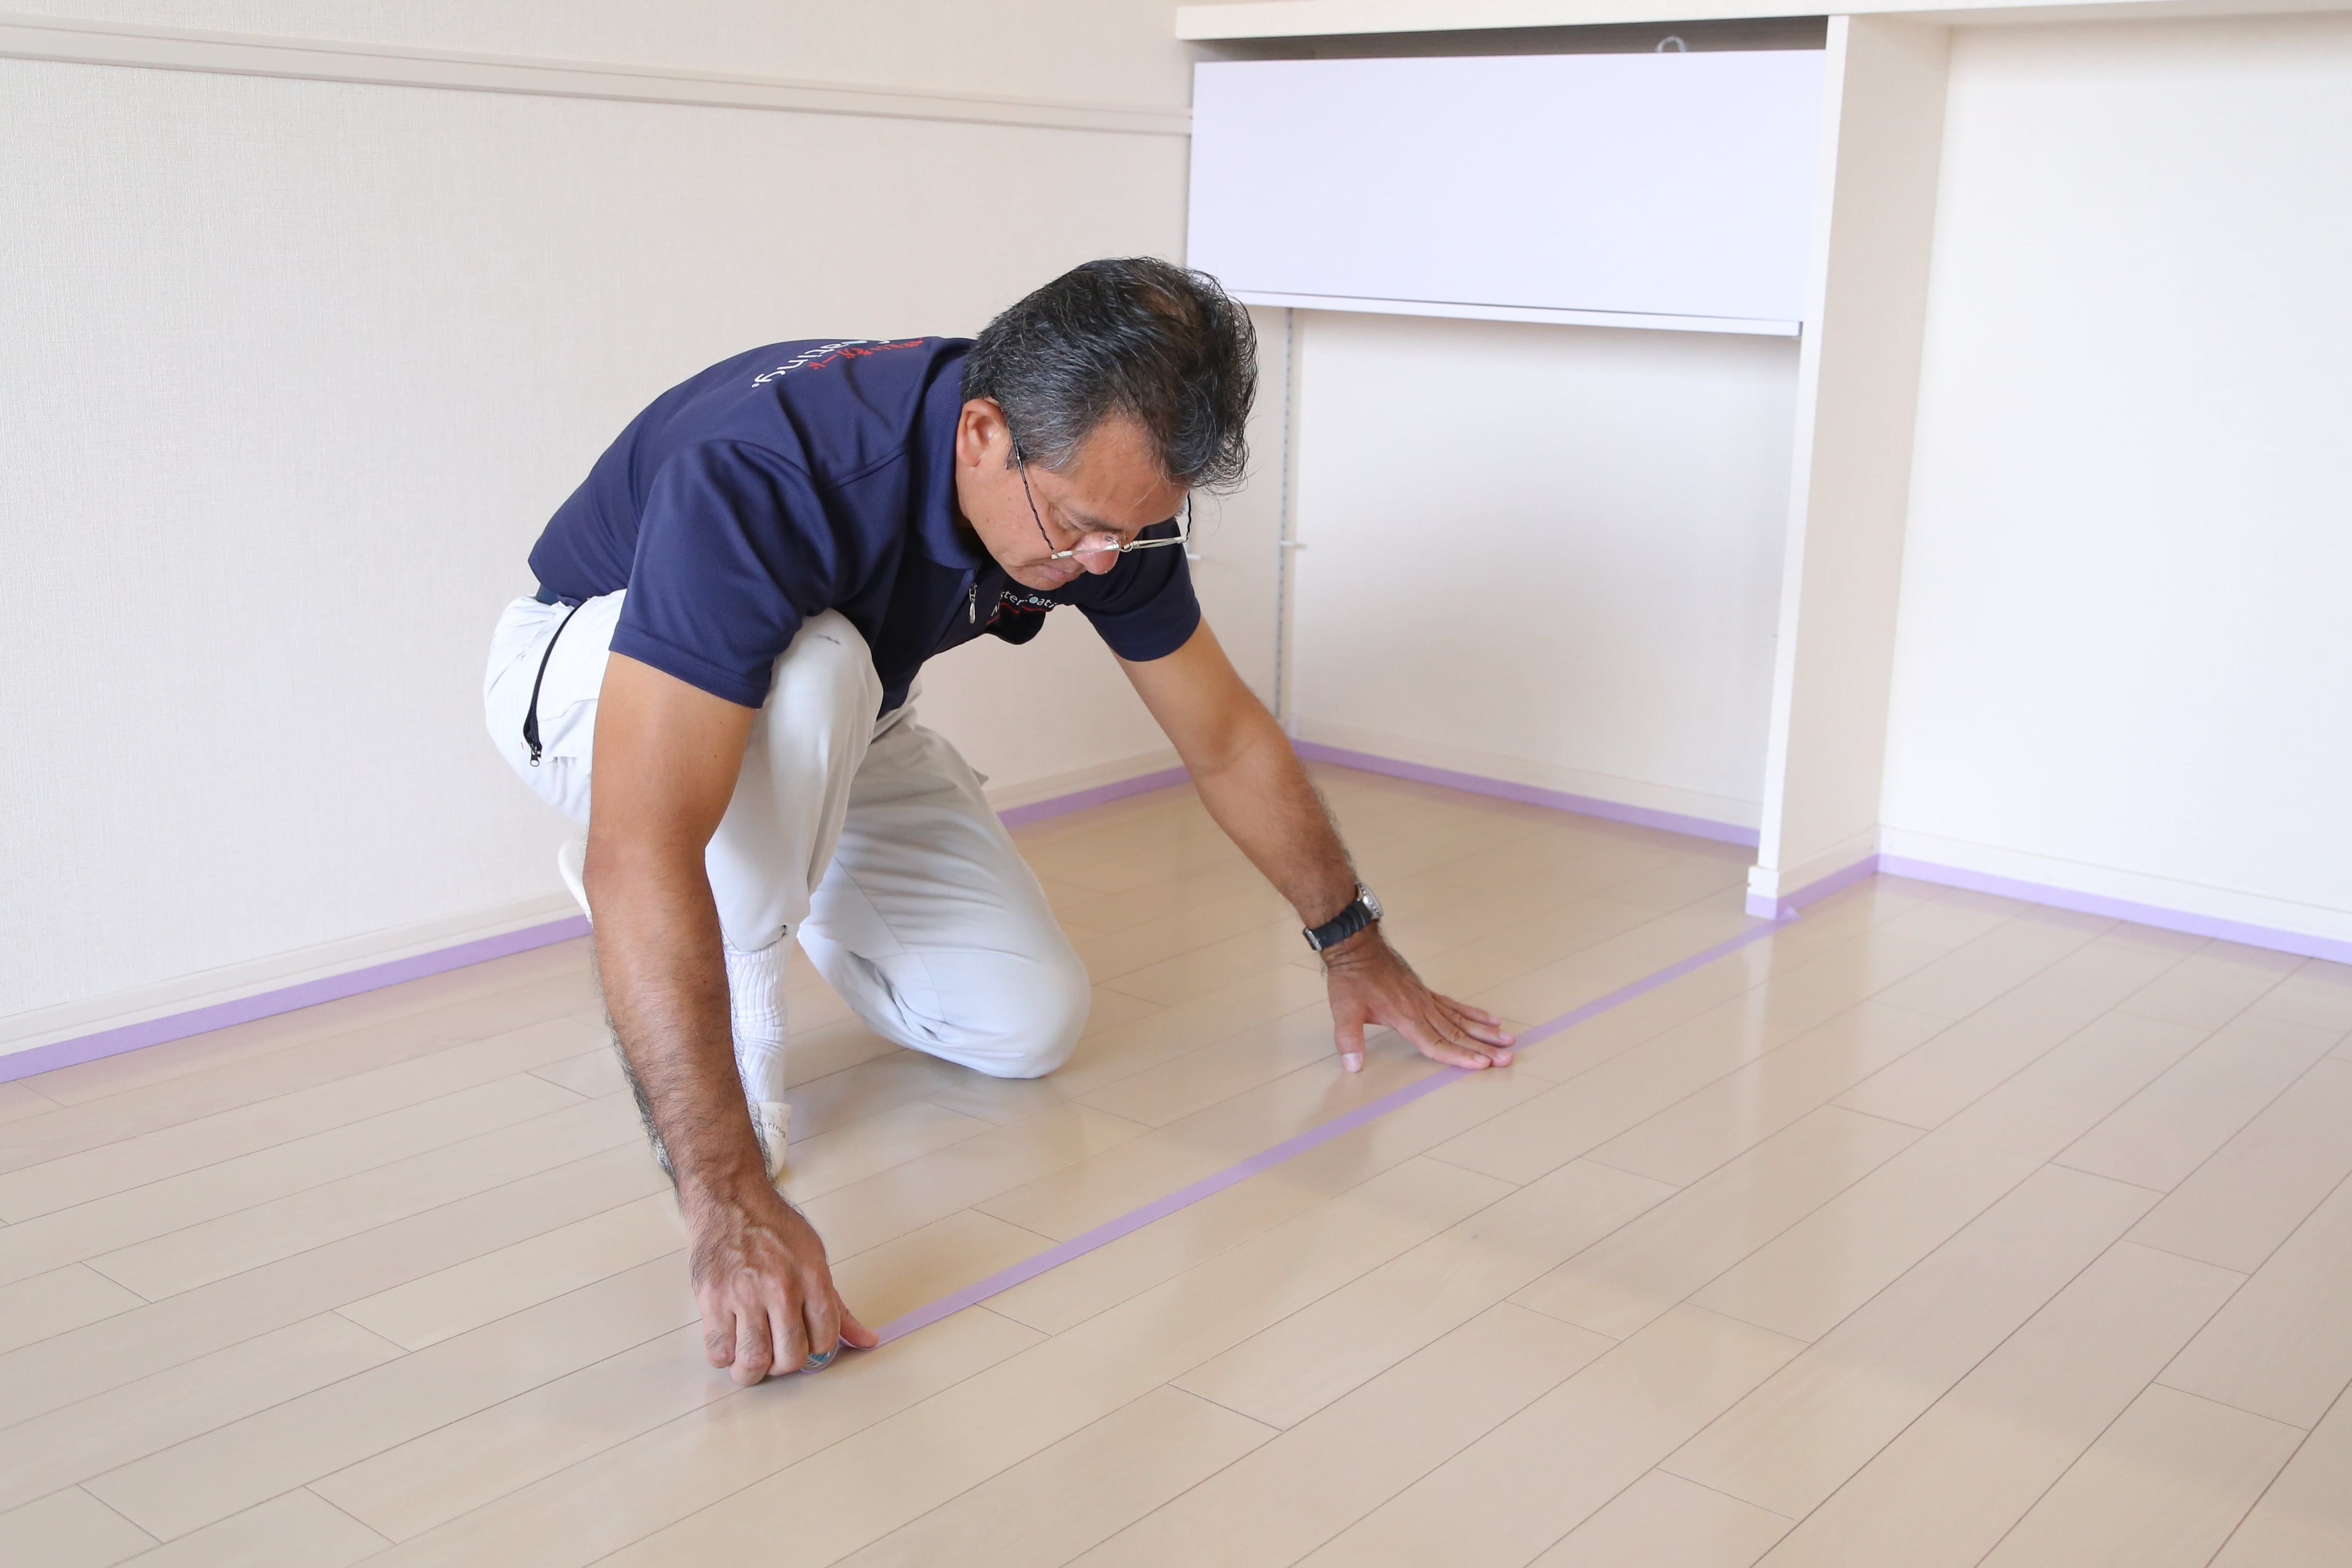 【超耐久30年!】ガラス皮膜のフロアコーティング(光沢控えめ)新築や床リフォーム後向けのイメージその4